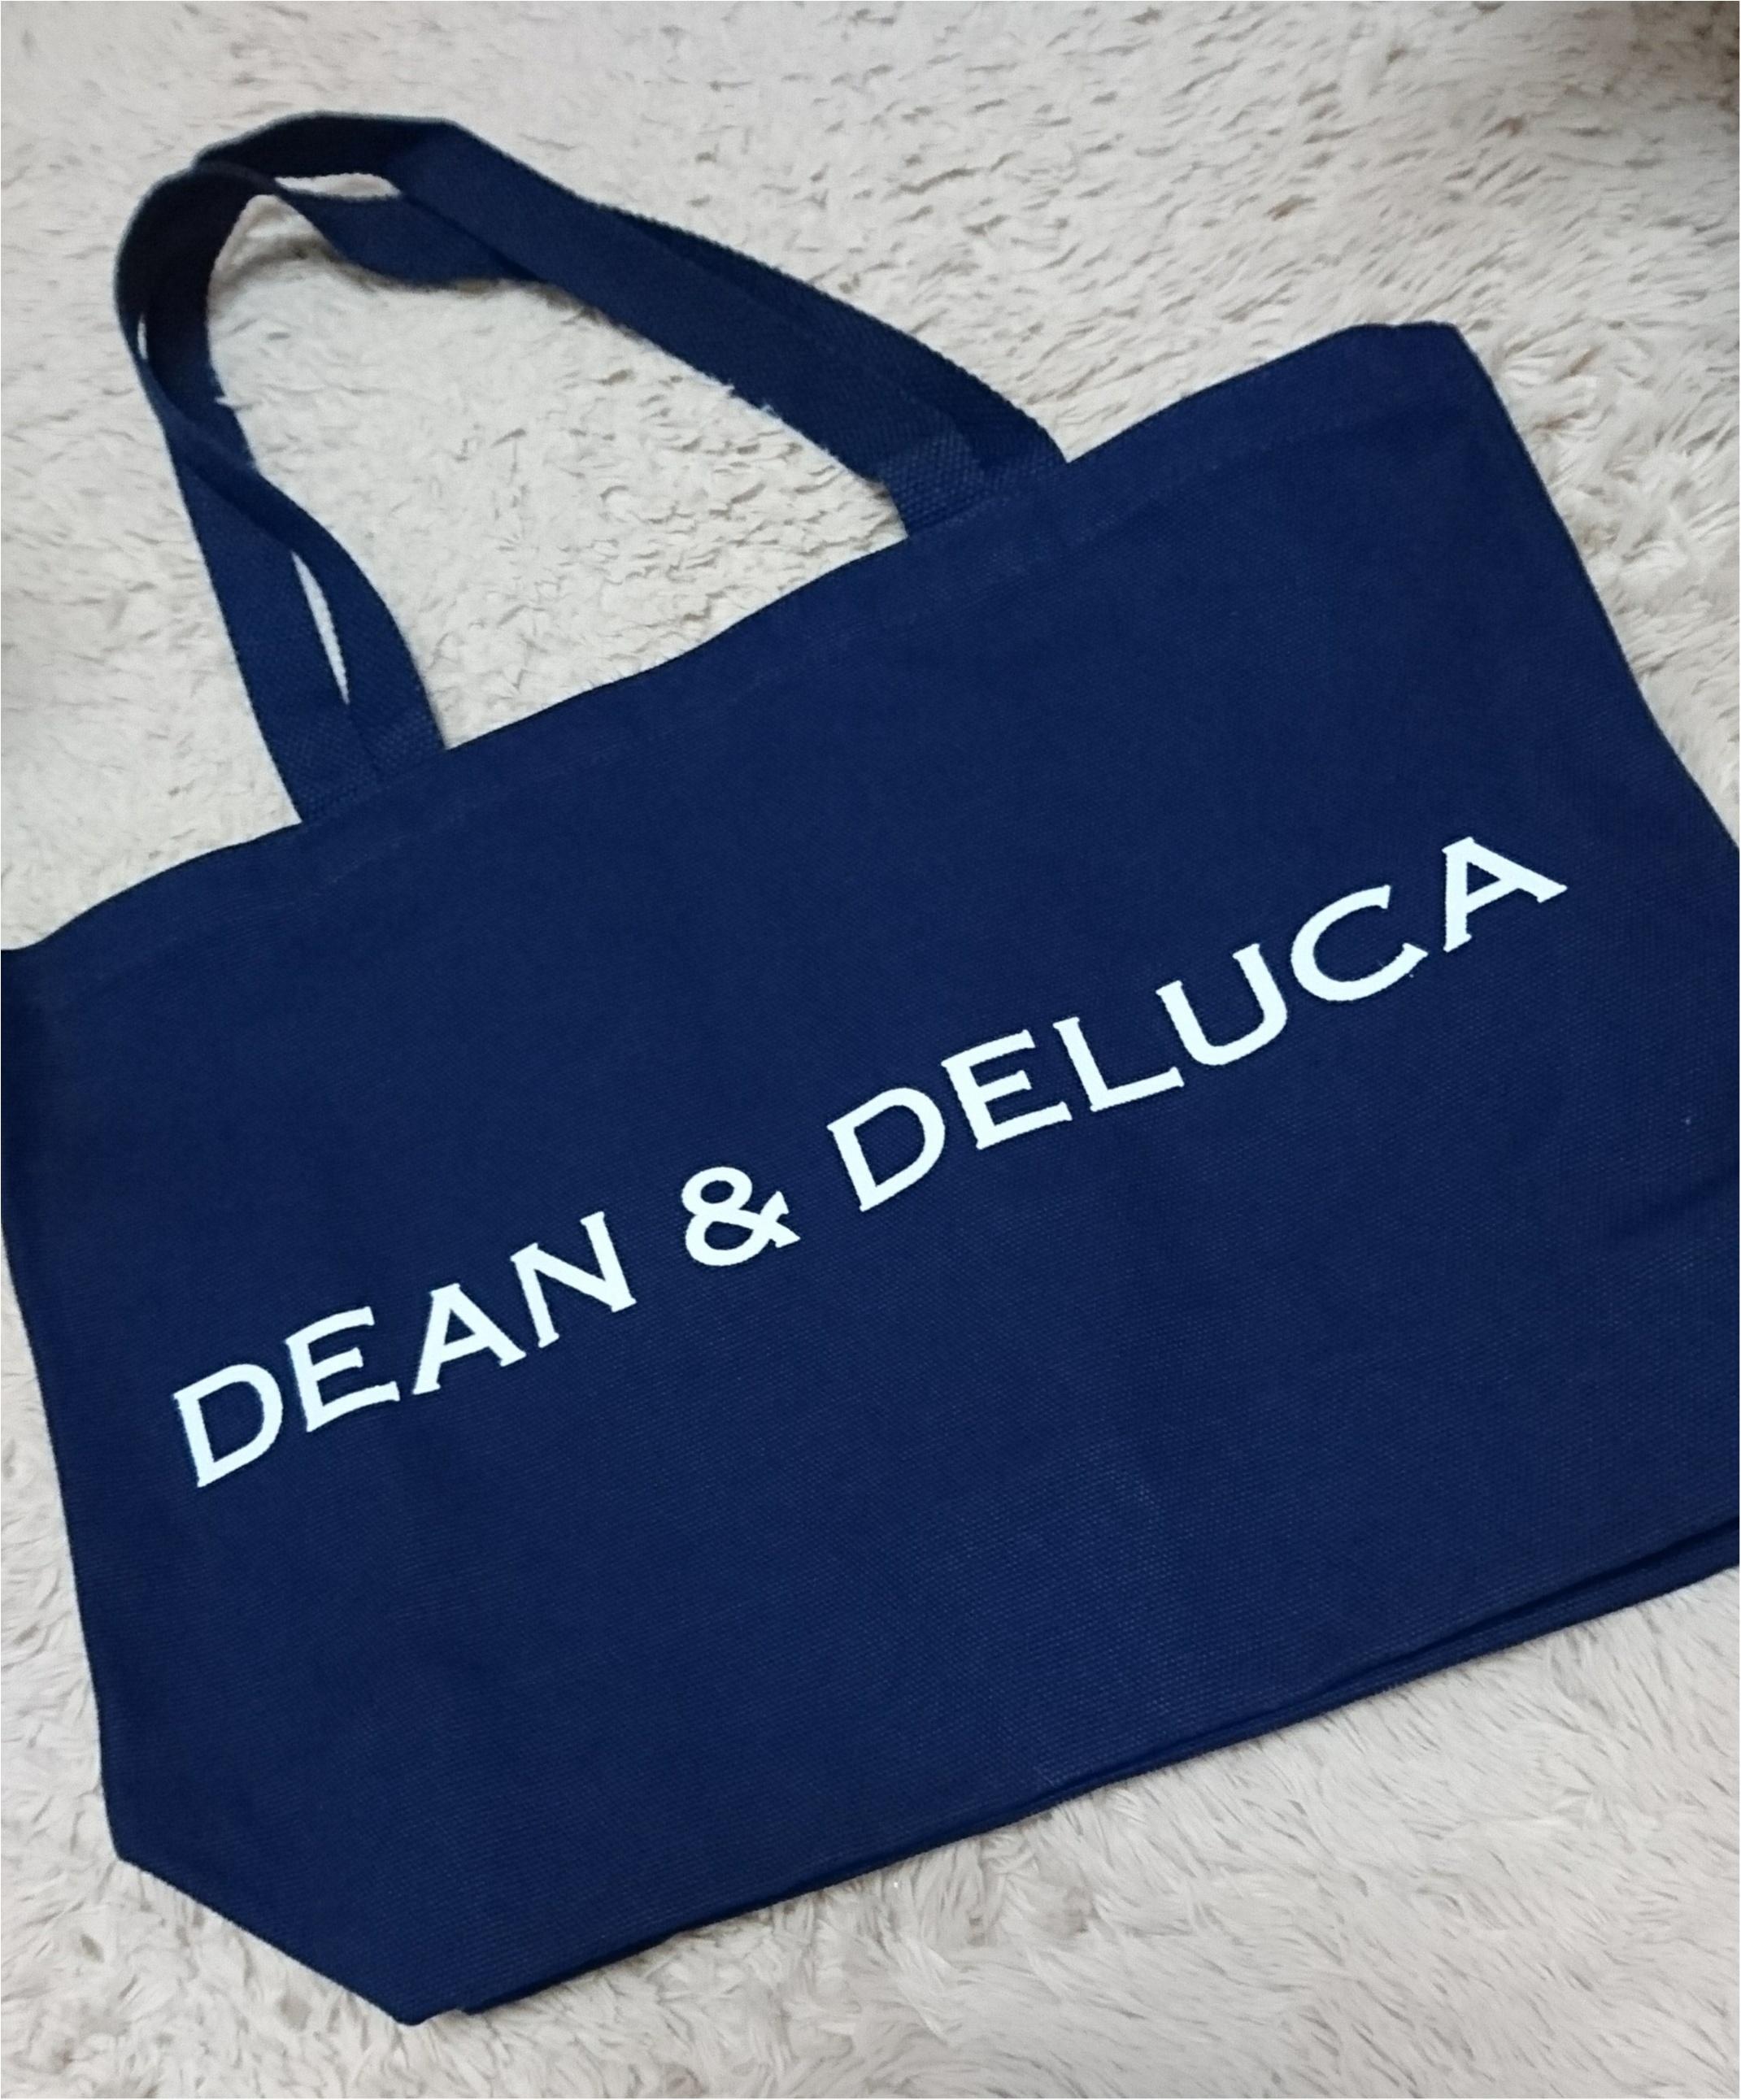 DEAN&DELUCAのチャリティートートがかわいい♡_2